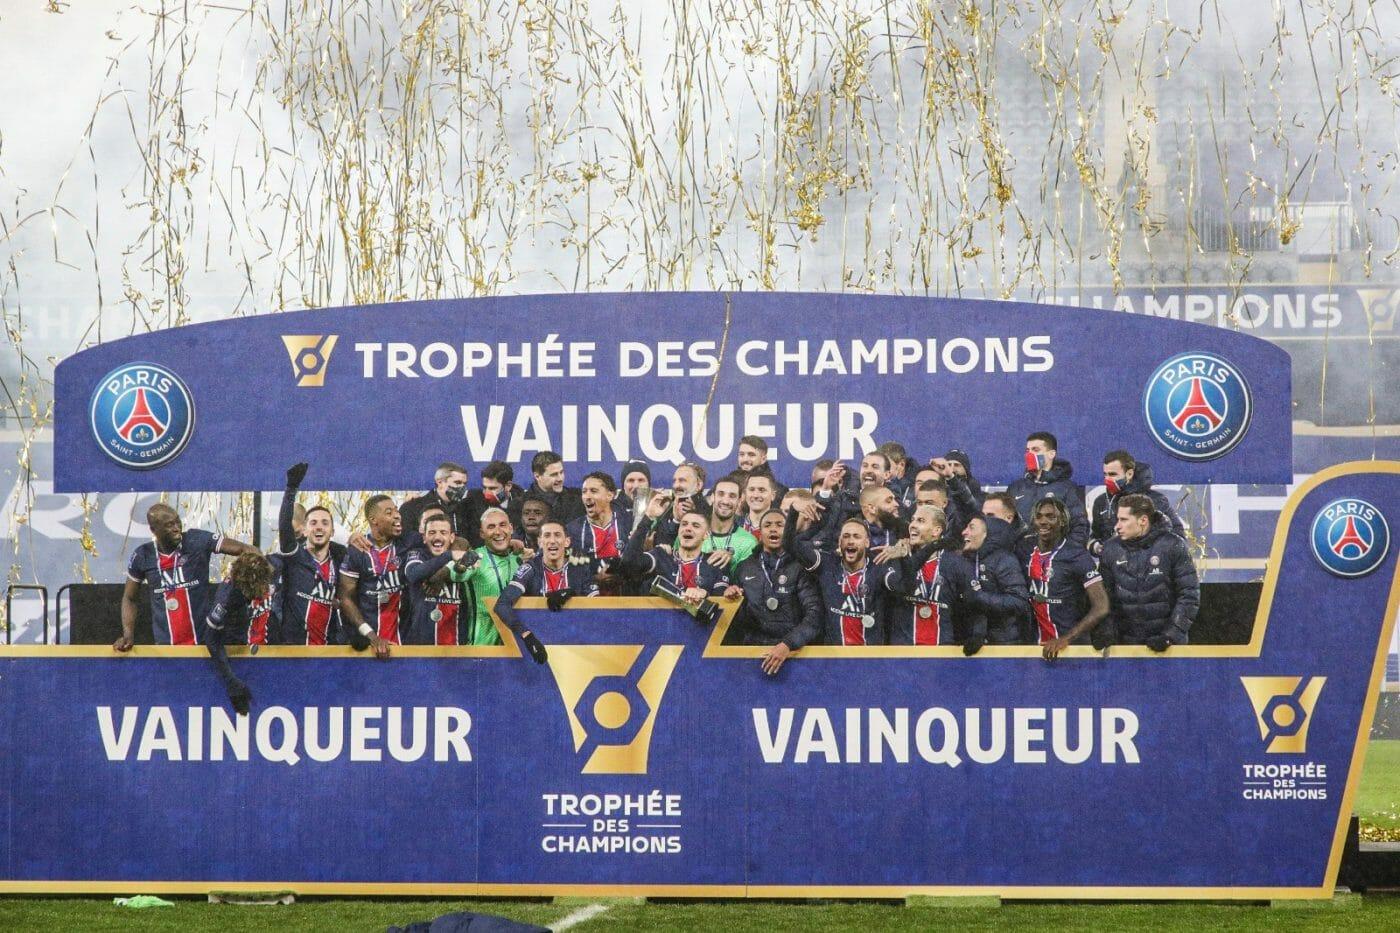 فريق باريس سان جيرمان بطلاً للسوبر الفرنسي